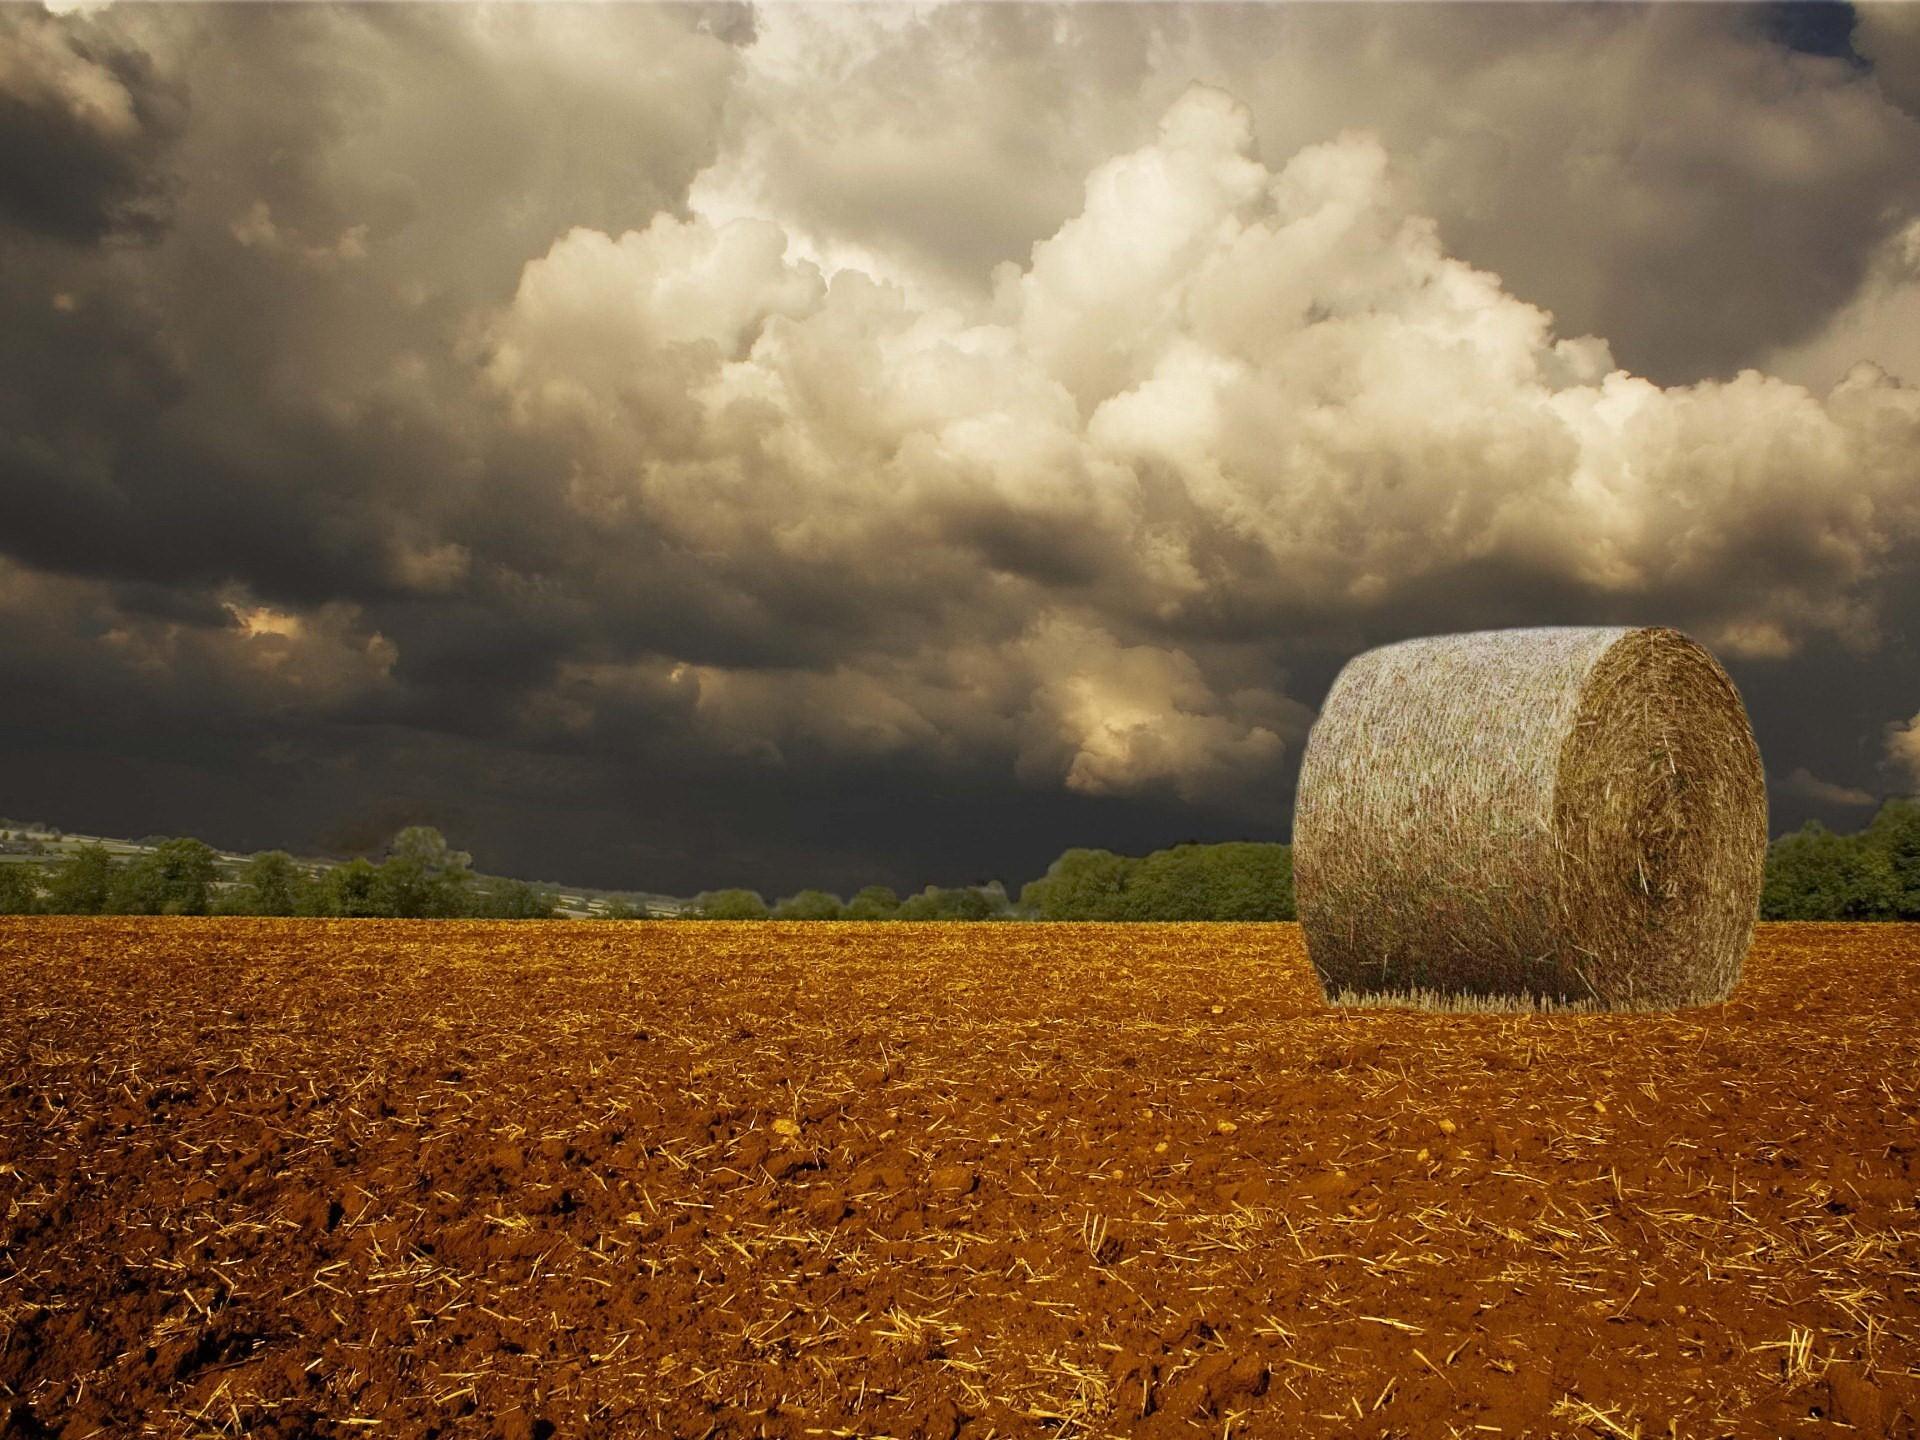 поле солома стога горы горизонт без смс